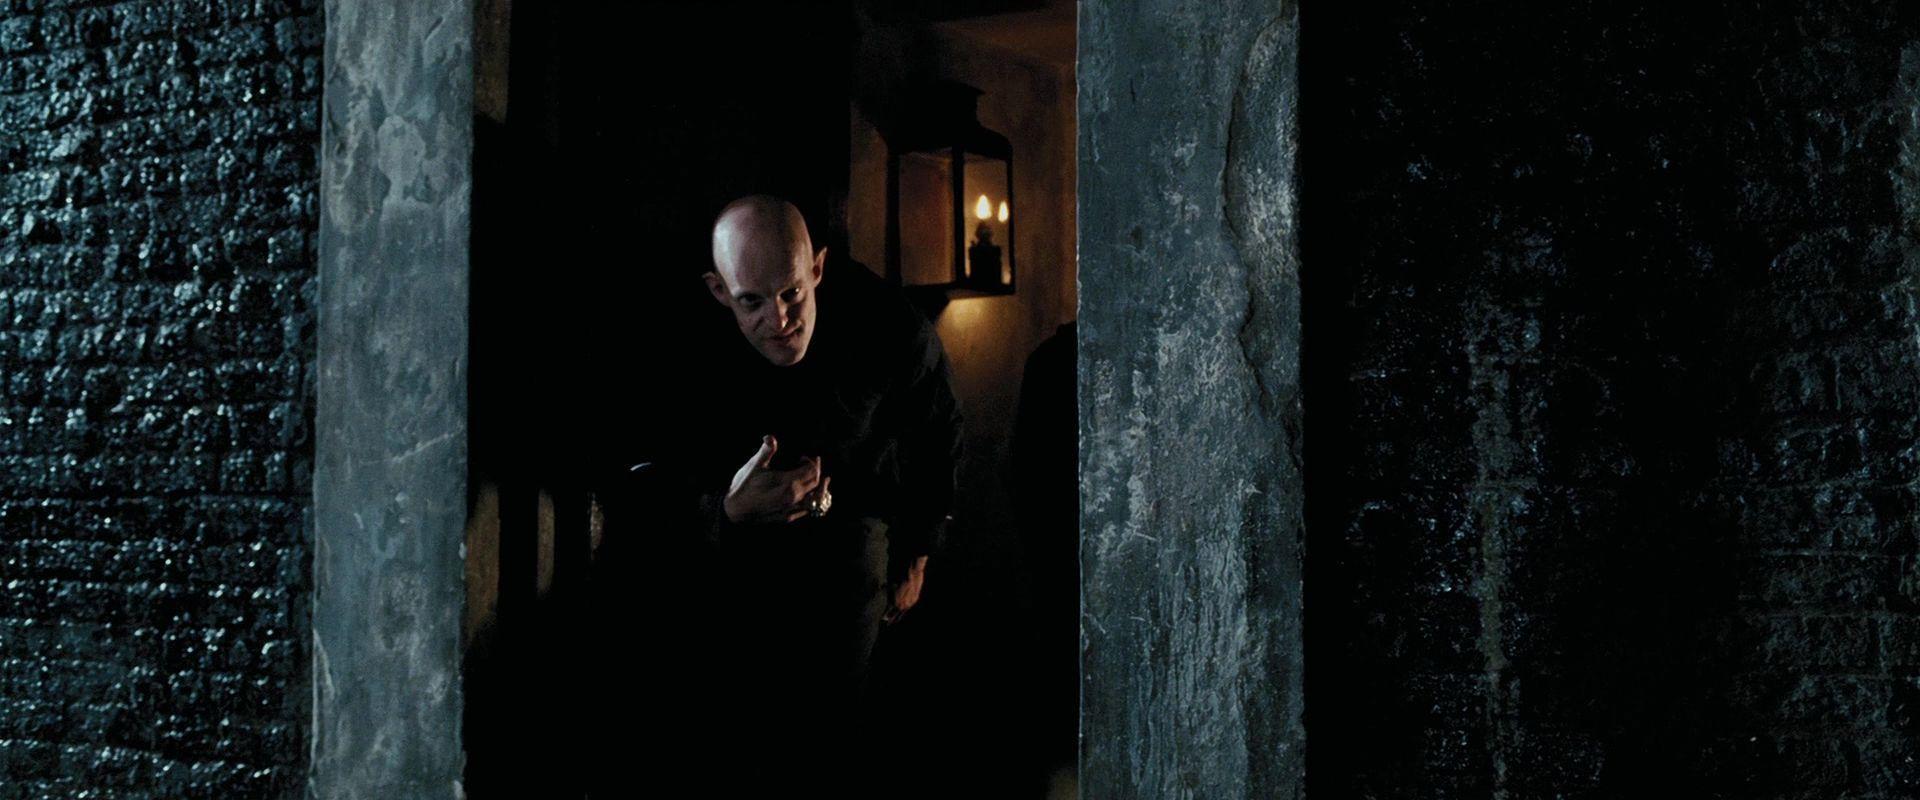 download legenda harry potter e o prisioneiro de azkaban